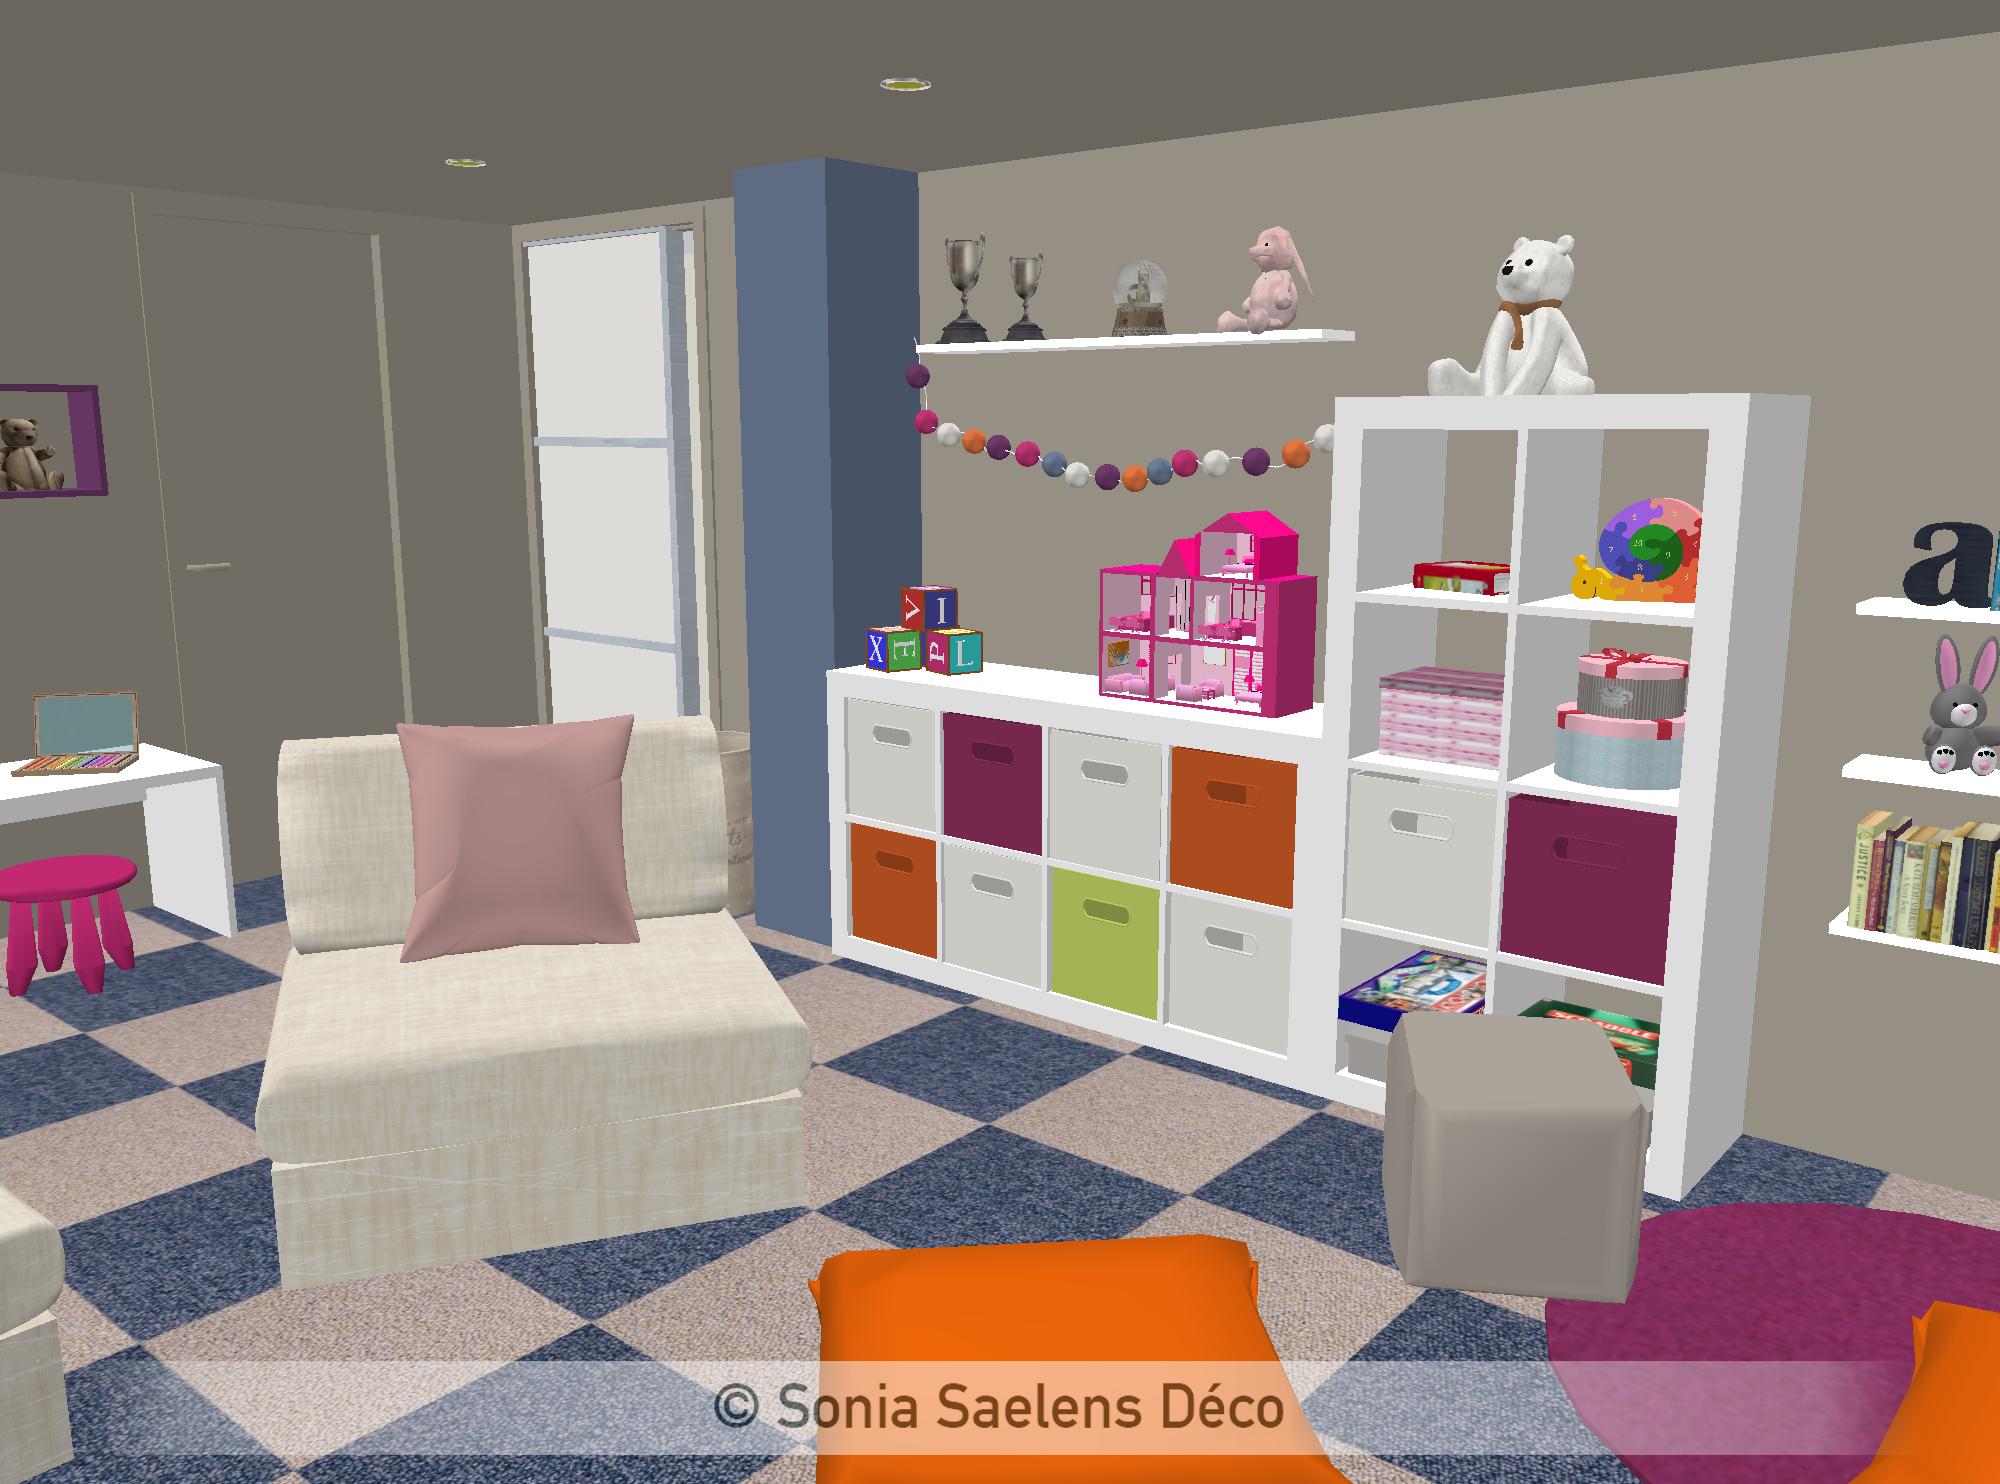 projet client un sous sol am nag en salle de jeux sonia saelens d co projets pro sonia. Black Bedroom Furniture Sets. Home Design Ideas